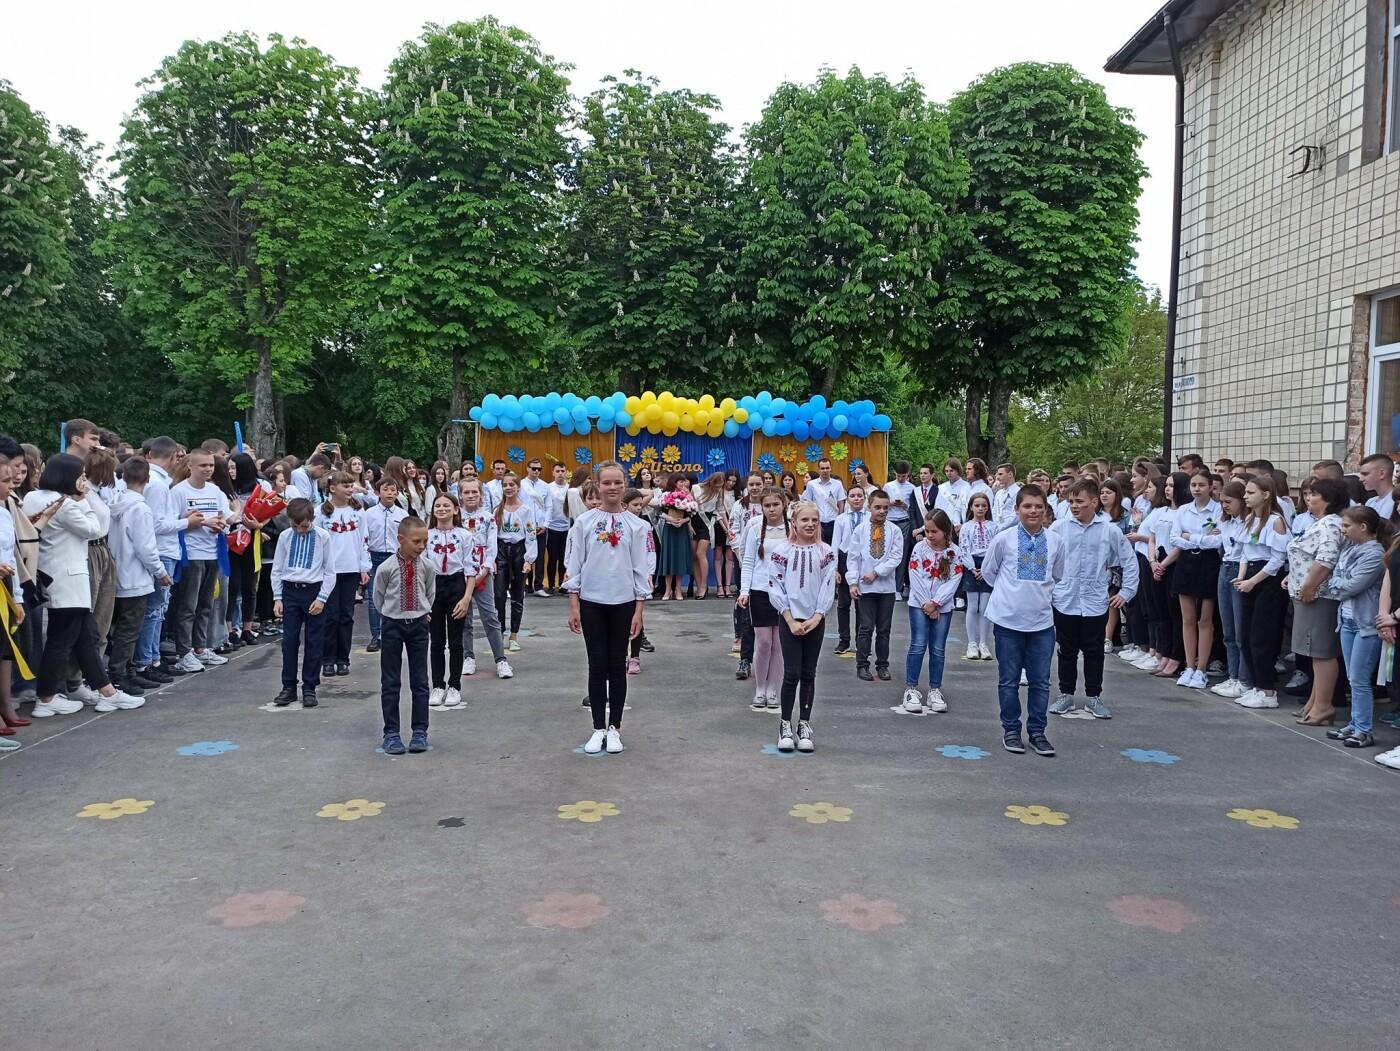 Останній дзвоник пролунав у школі №2 Новограда-Волинського для учнів 5-11 класів, фото-5